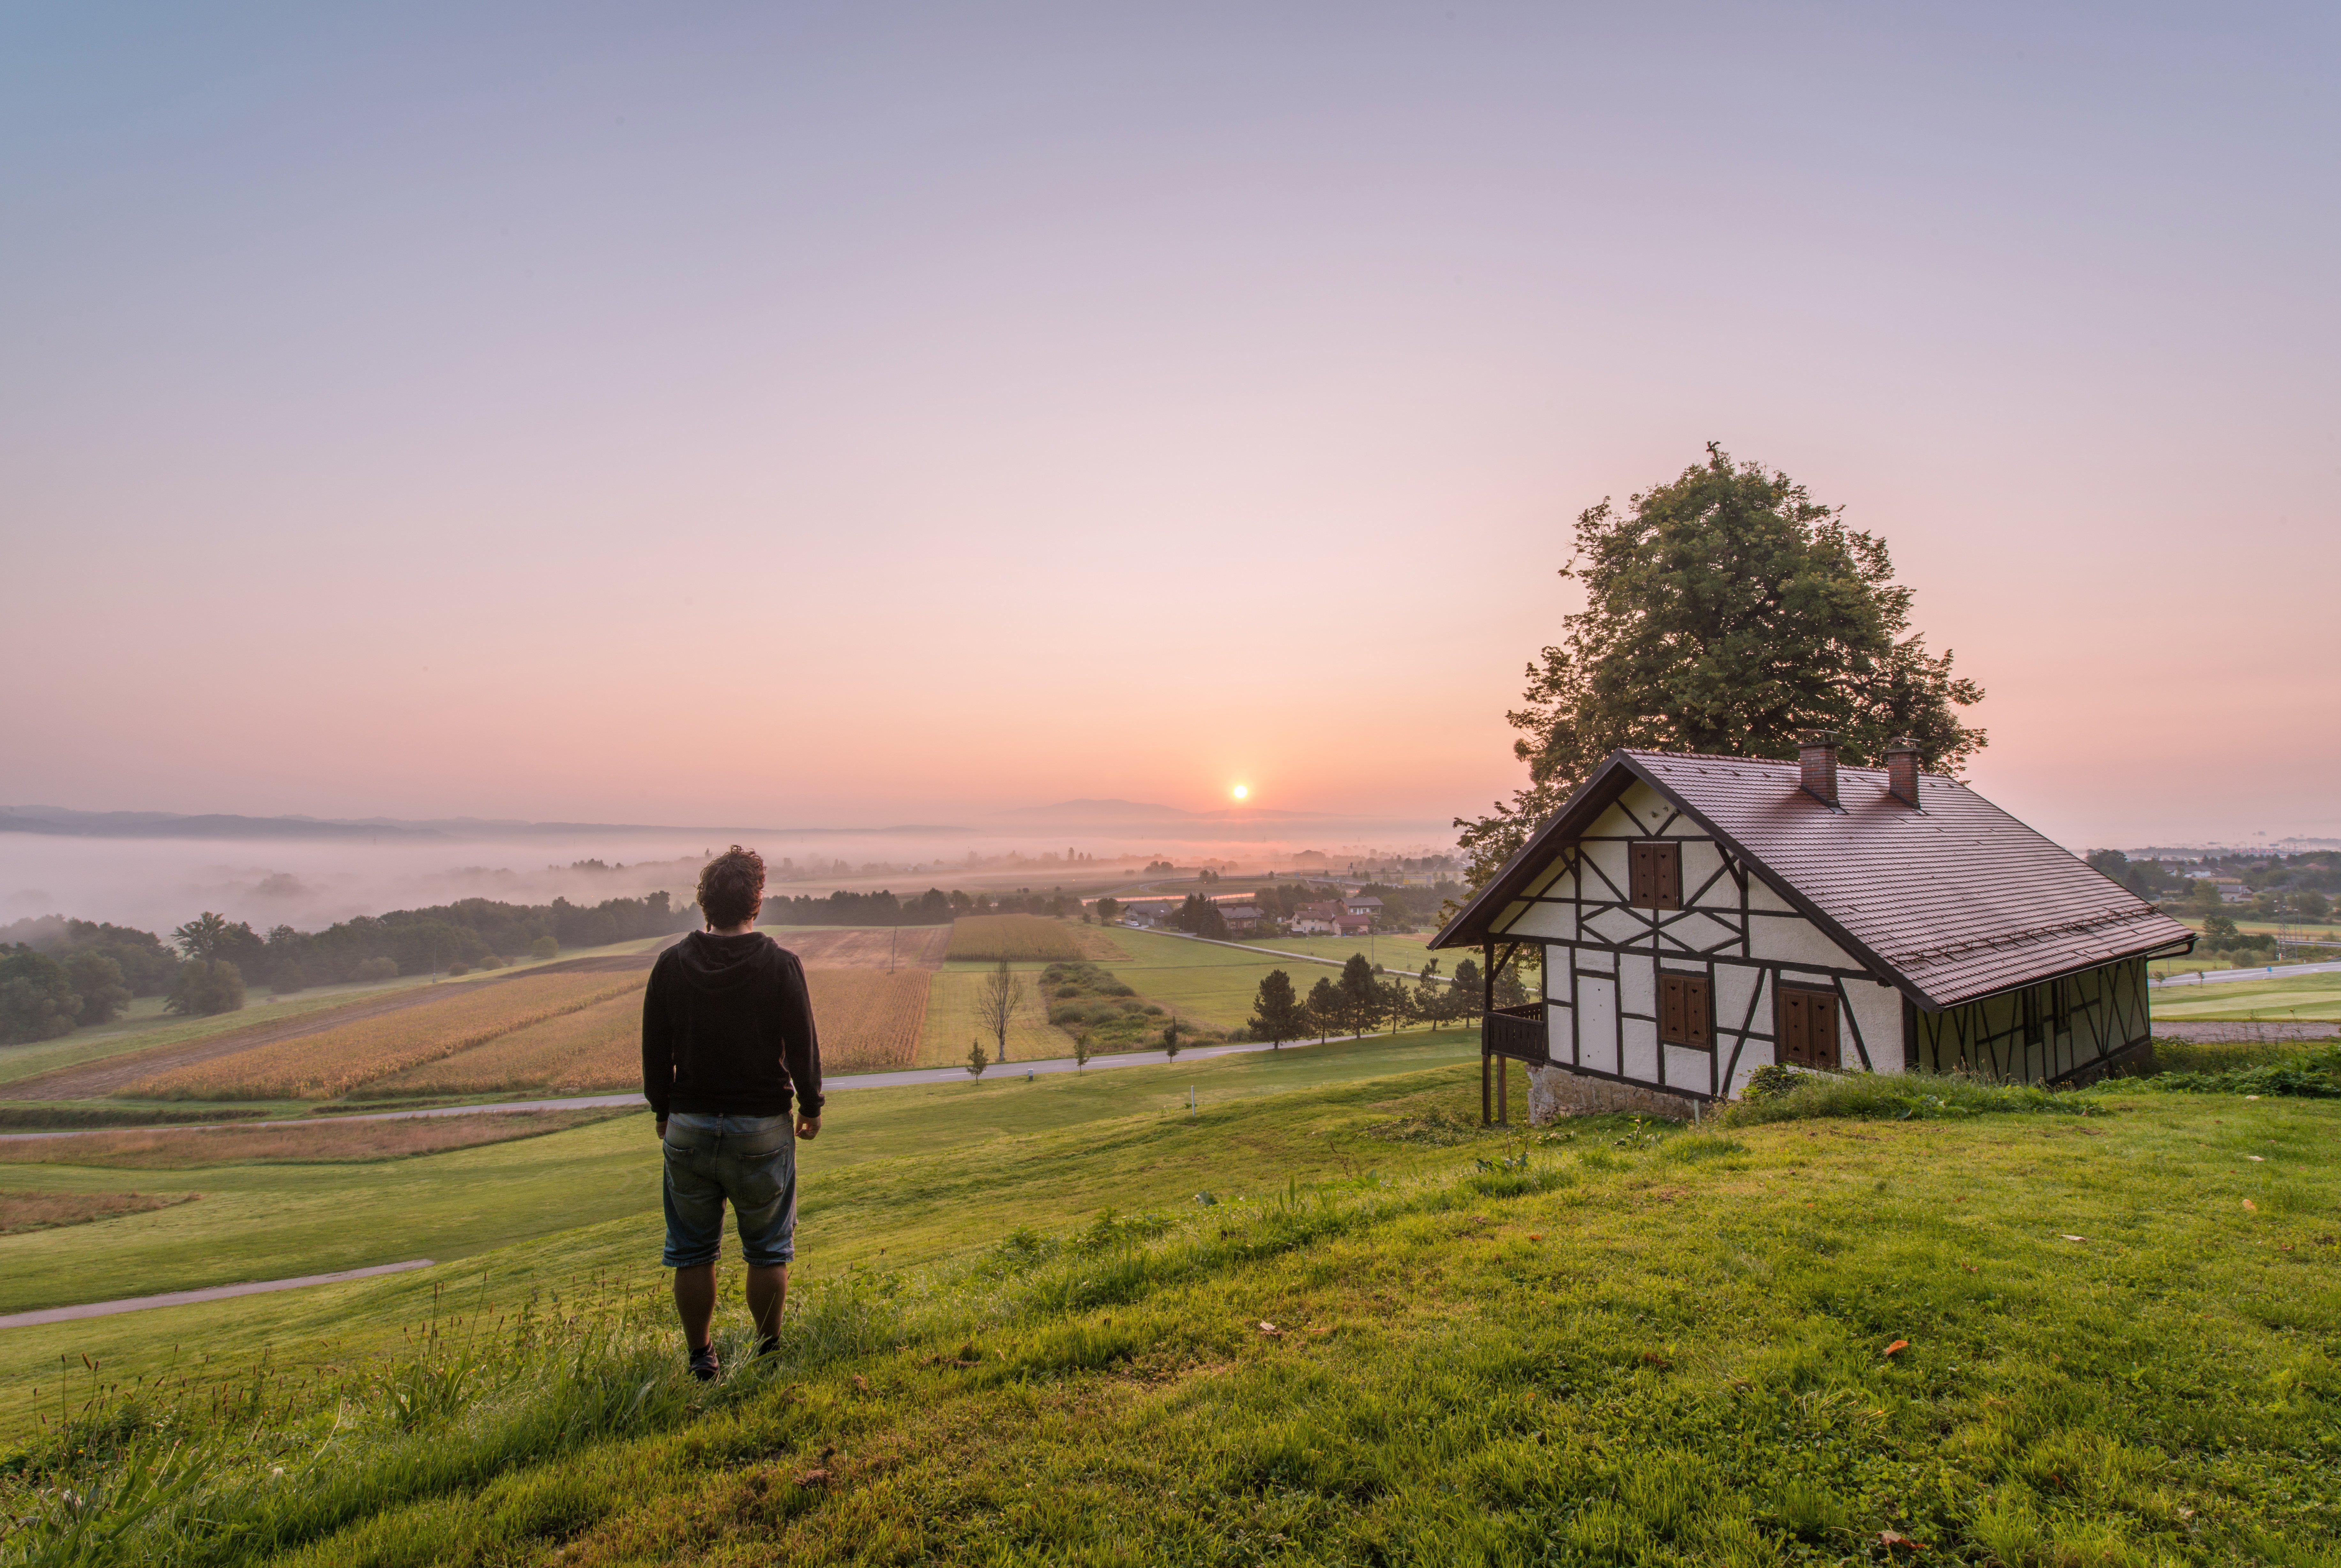 Chico mirando a lo lejos una casa en el campo